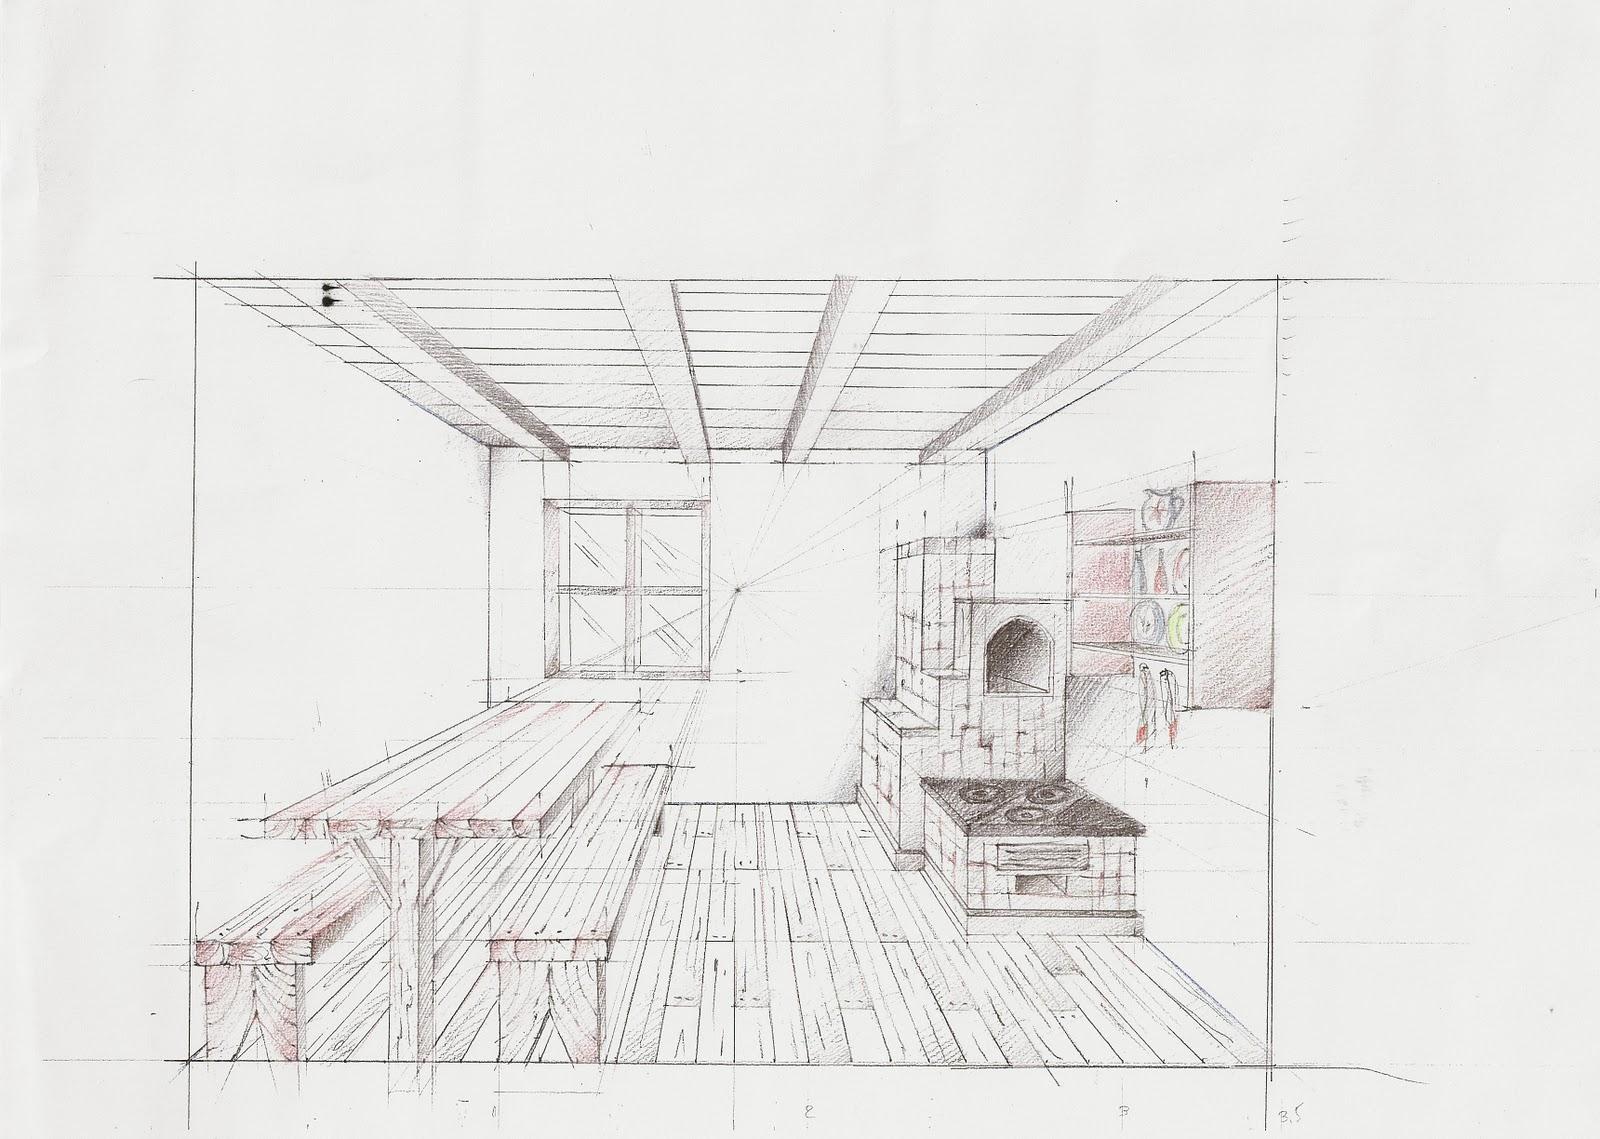 Hellen All Design Perspectiva La Un Punct De Fuga